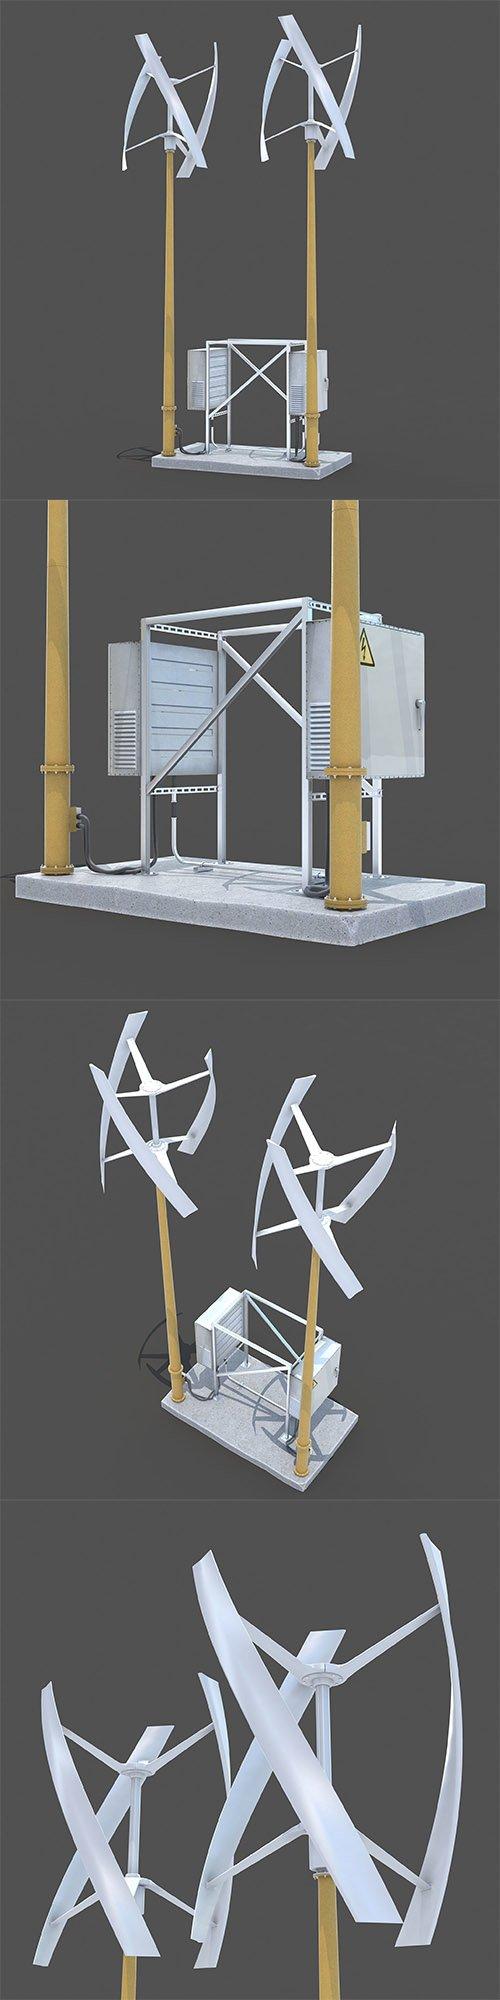 Wind generator 3D model